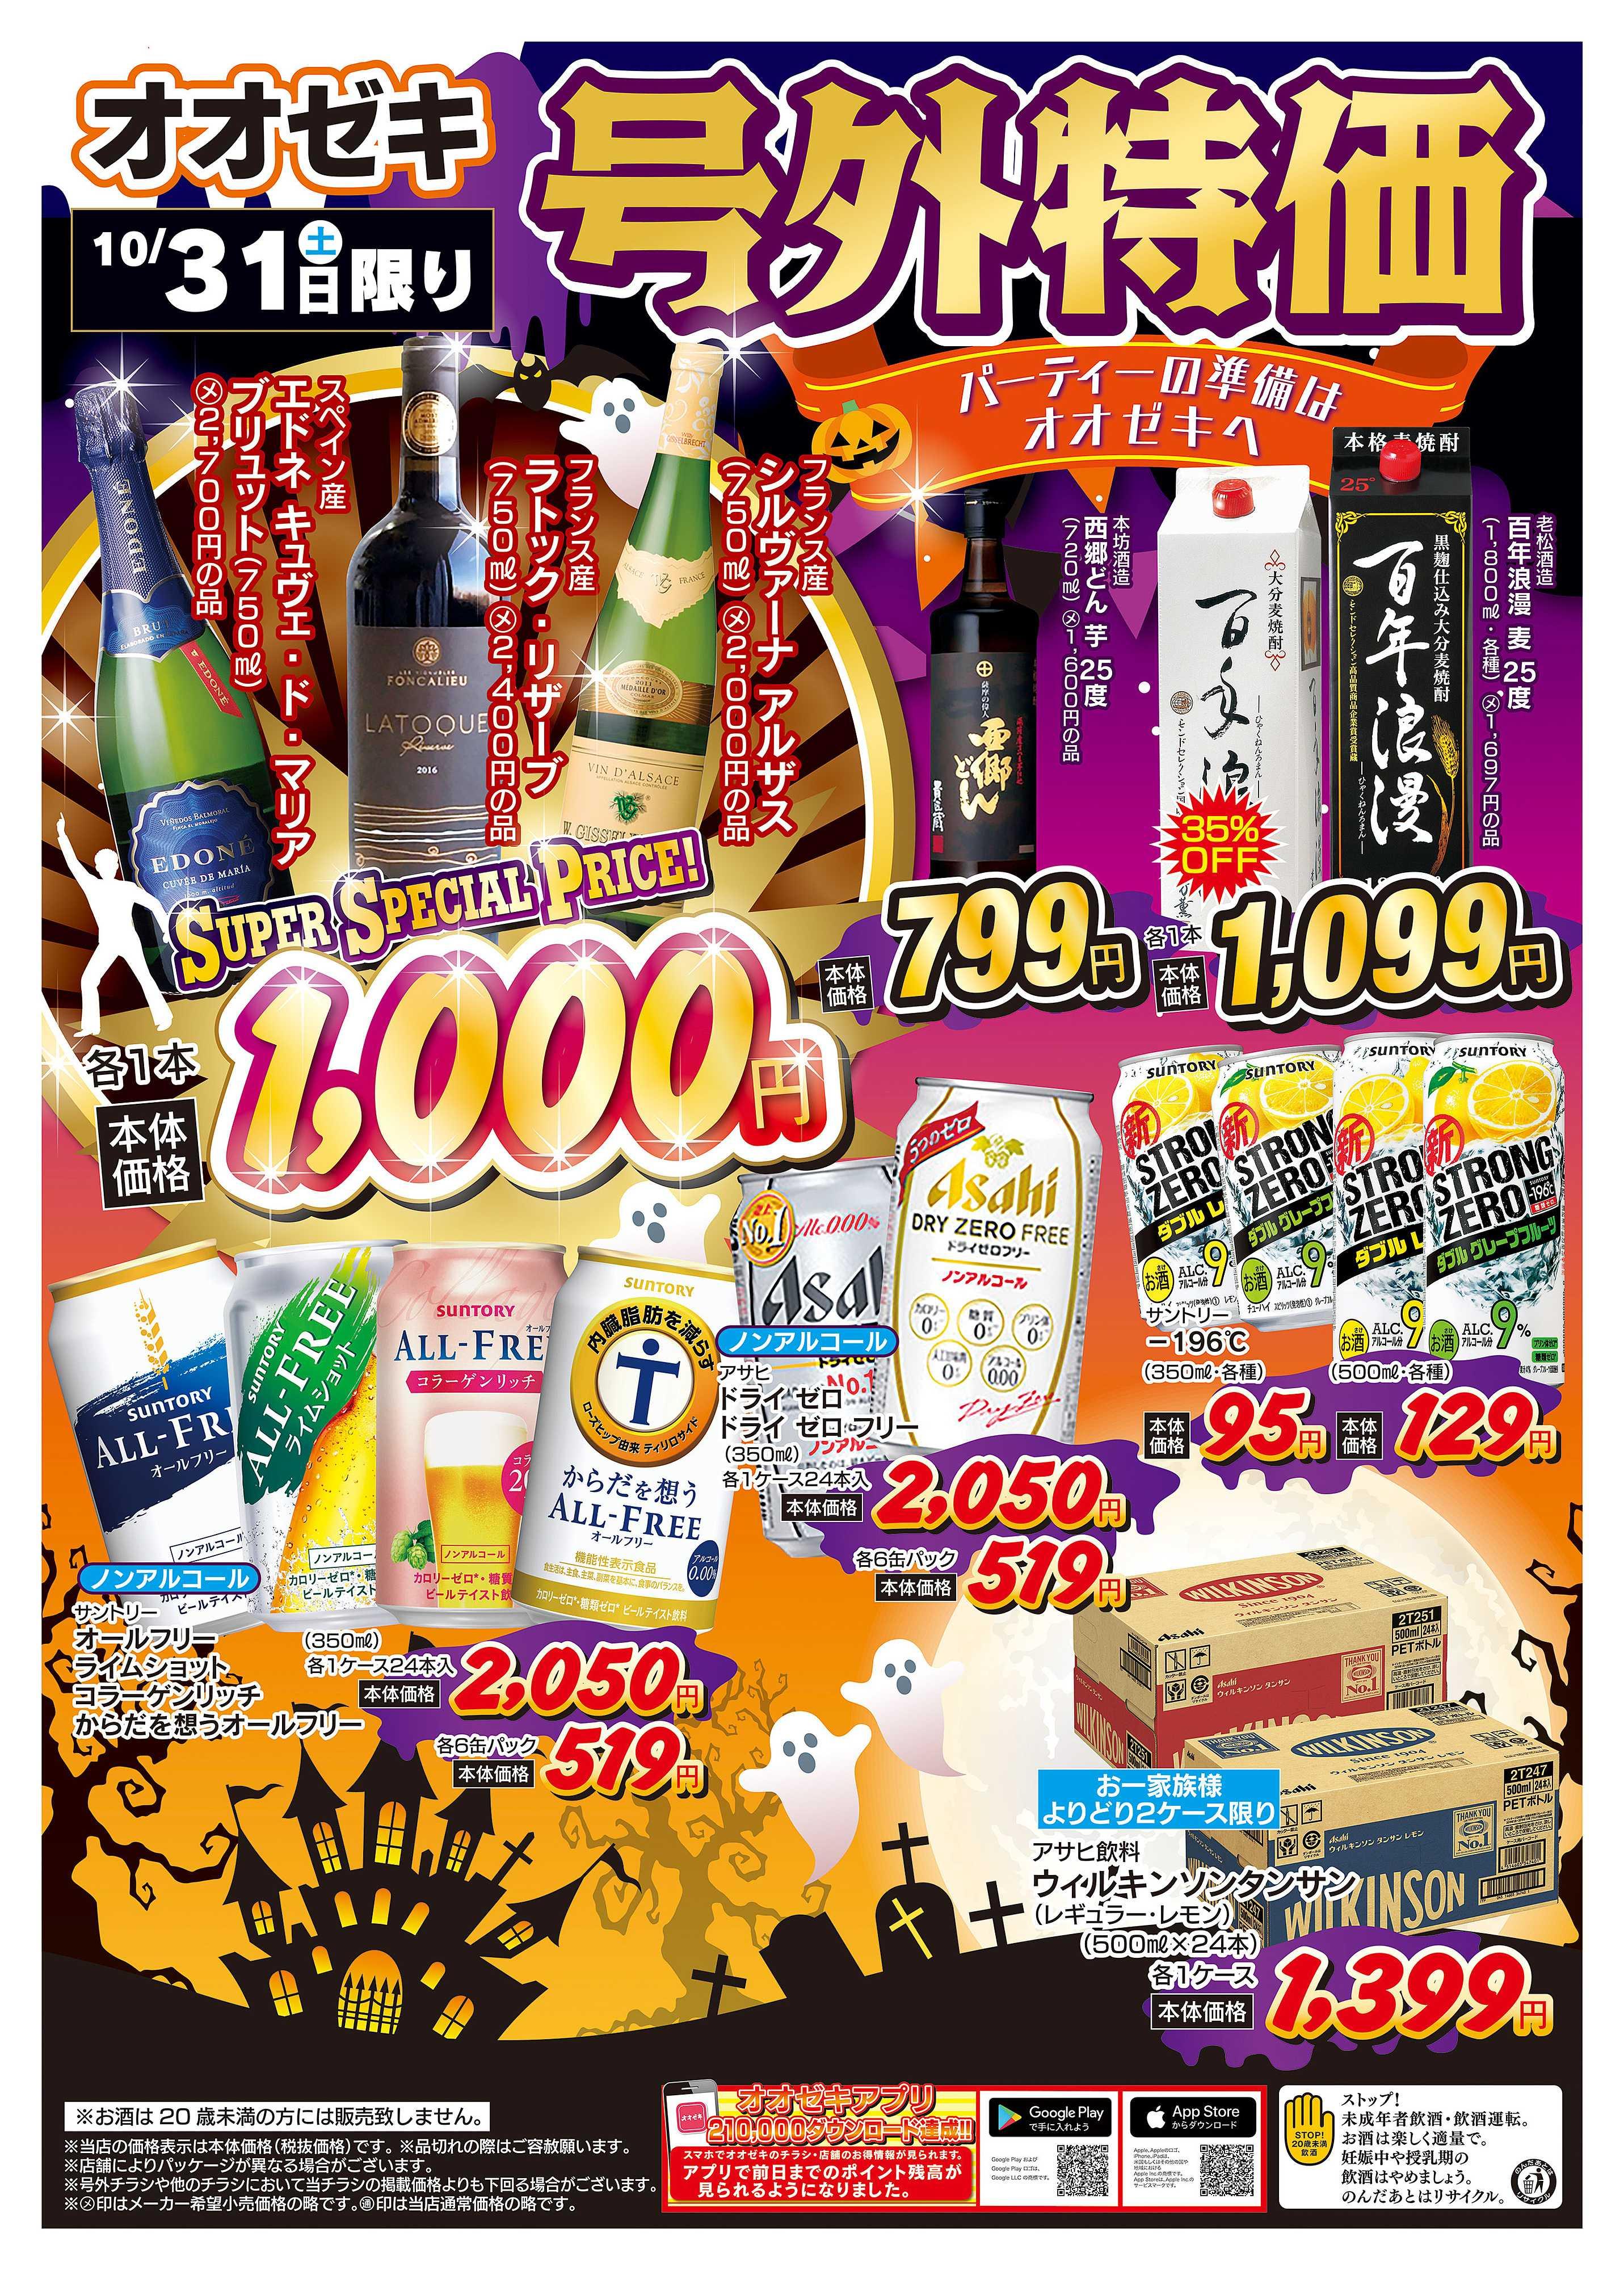 オオゼキ 10/31(土)限り 号外特価